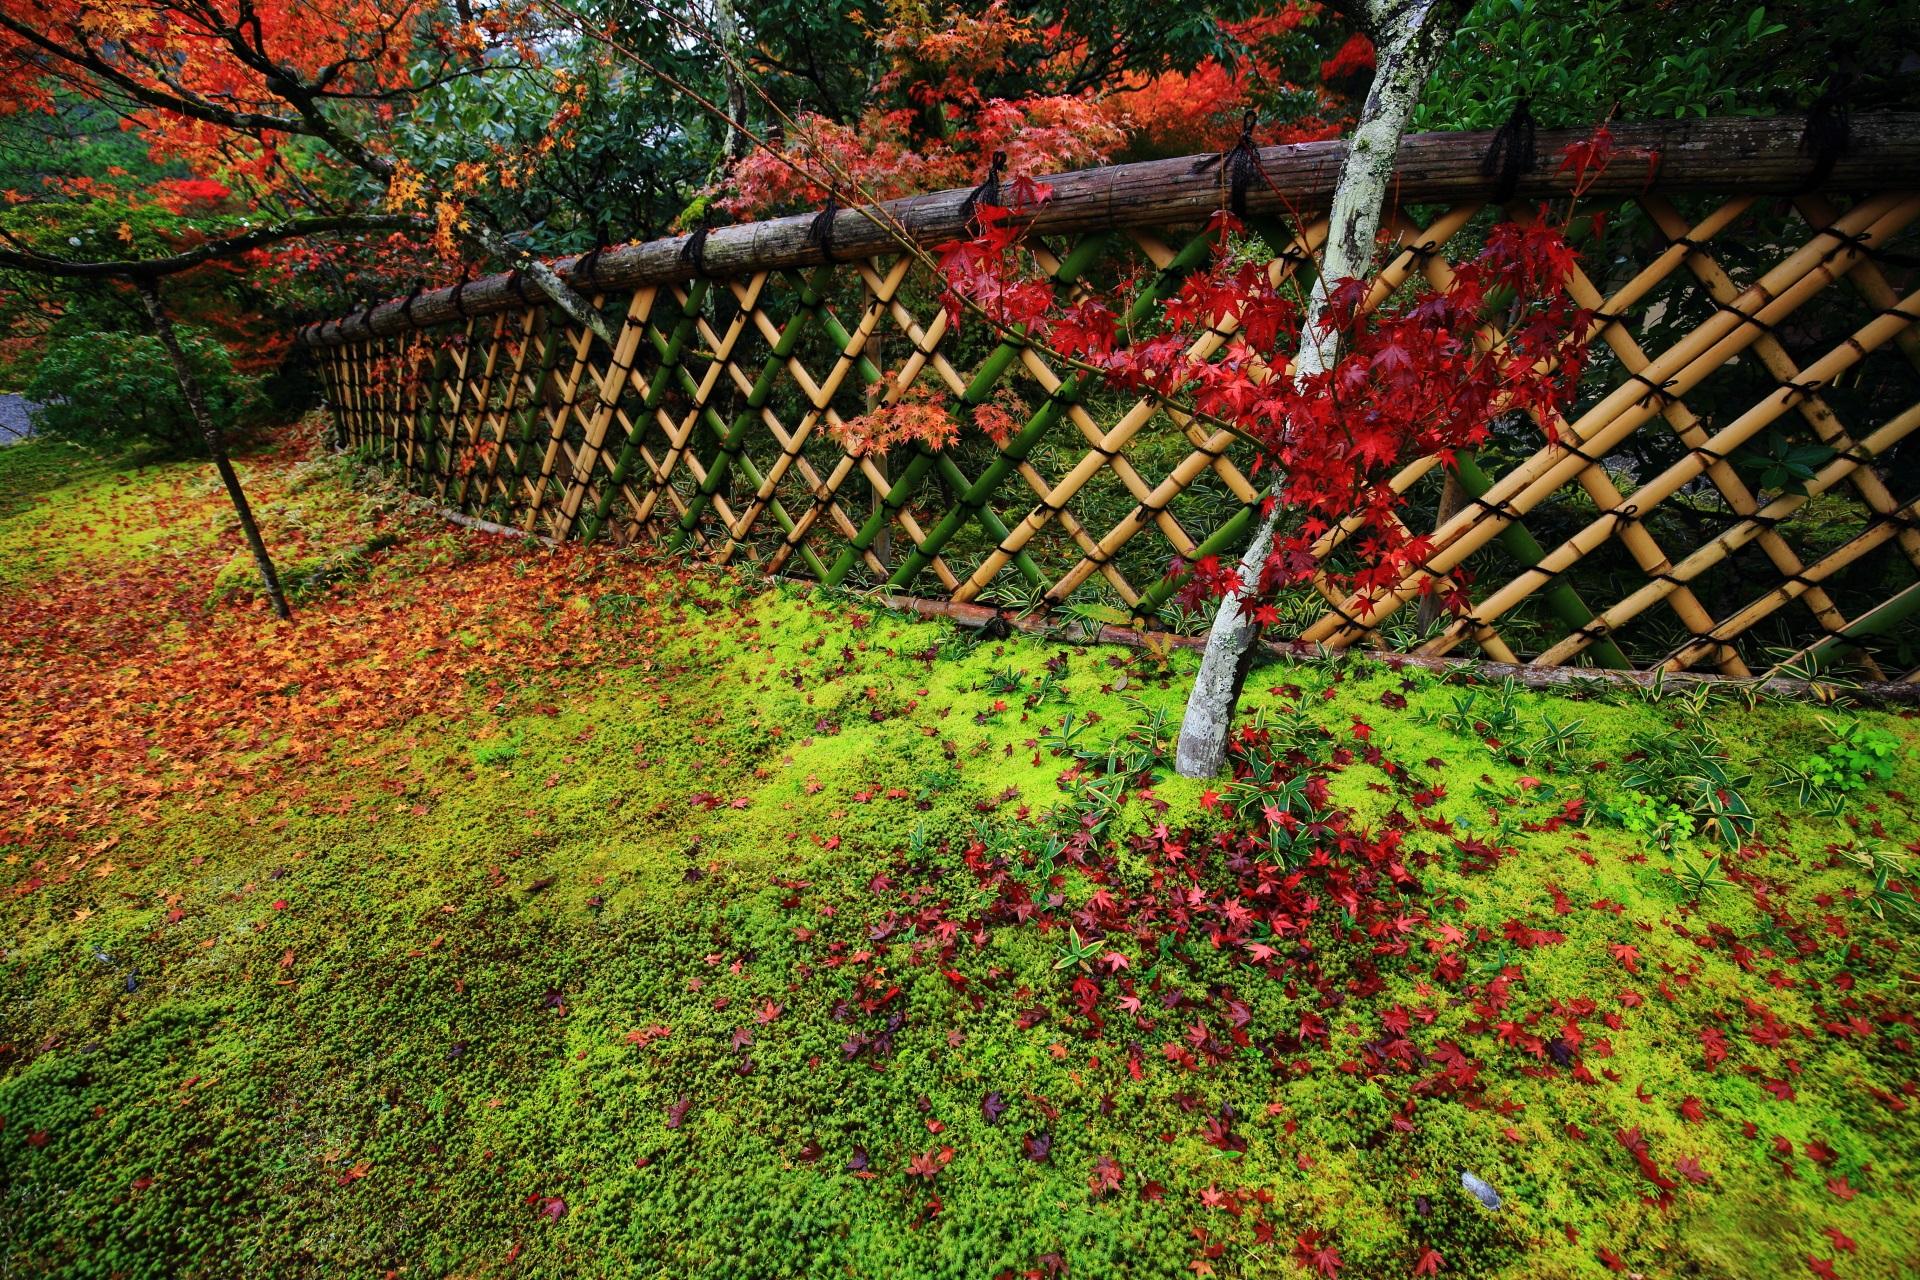 苔を染める鮮烈な色合いの赤い散りもみじ